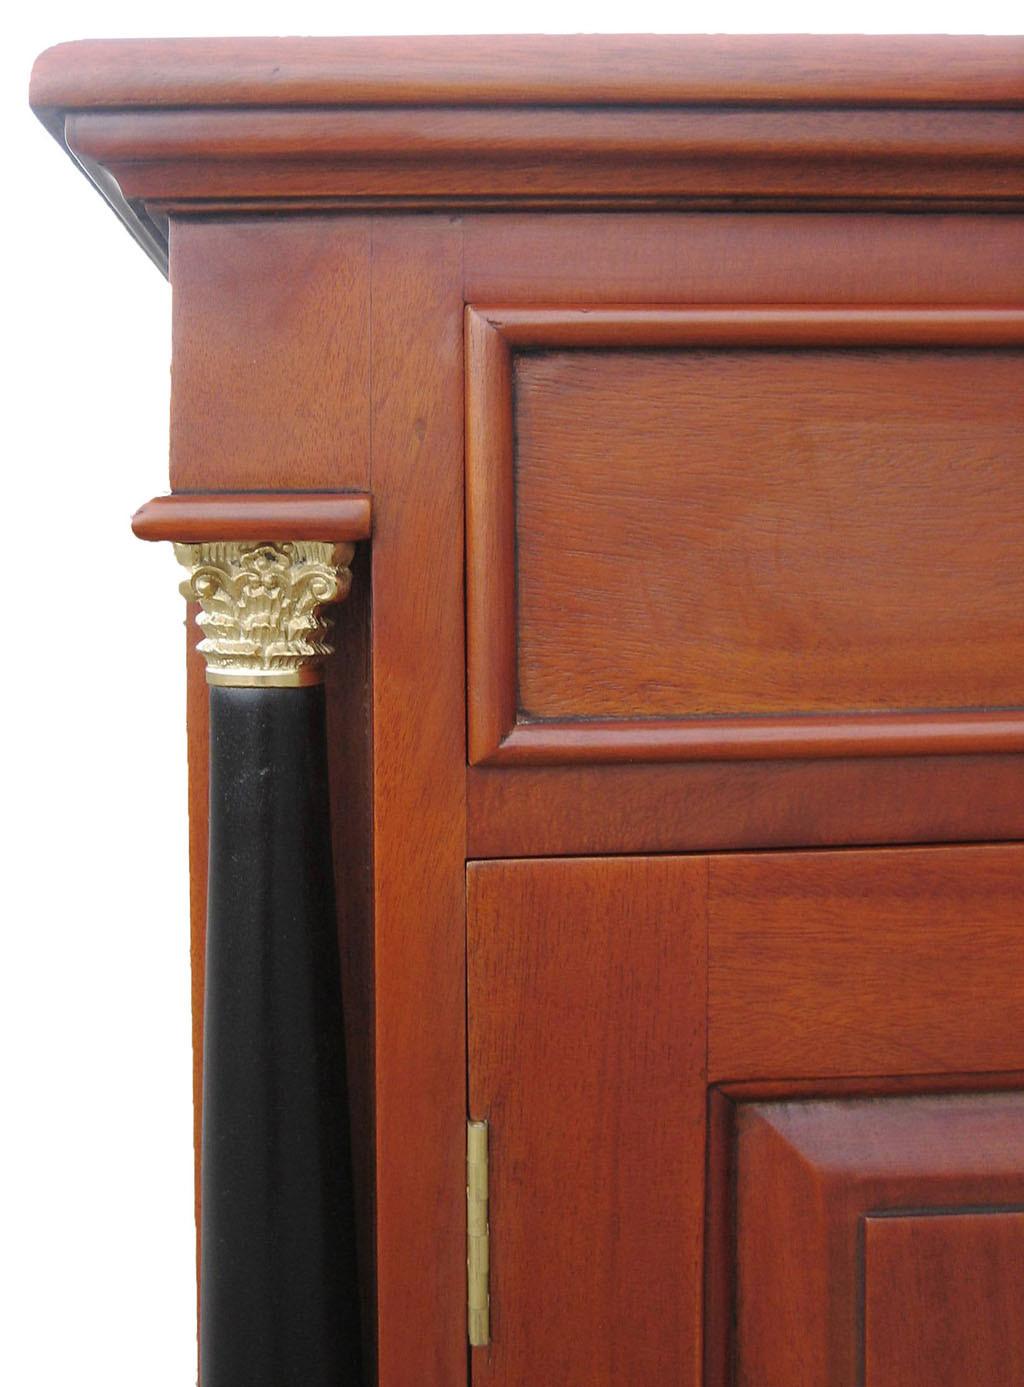 sideboard biedermeier antik anrichte stil kirsche massiv. Black Bedroom Furniture Sets. Home Design Ideas